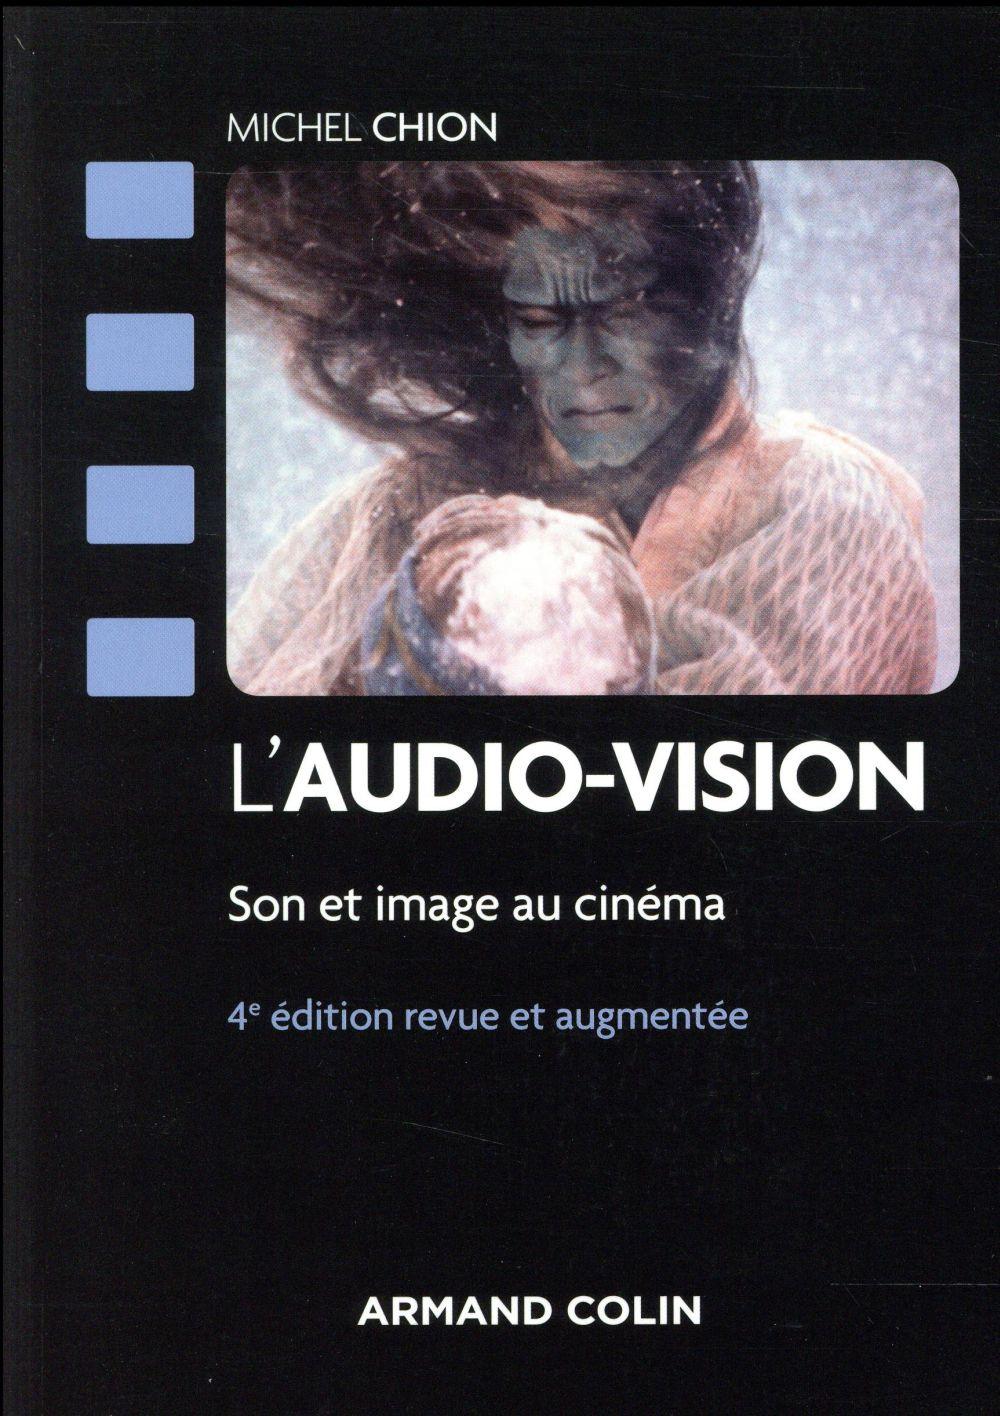 L'AUDIO-VISION - 4E ED. - SON ET IMAGE AU CINEMA CHION MICHEL NATHAN